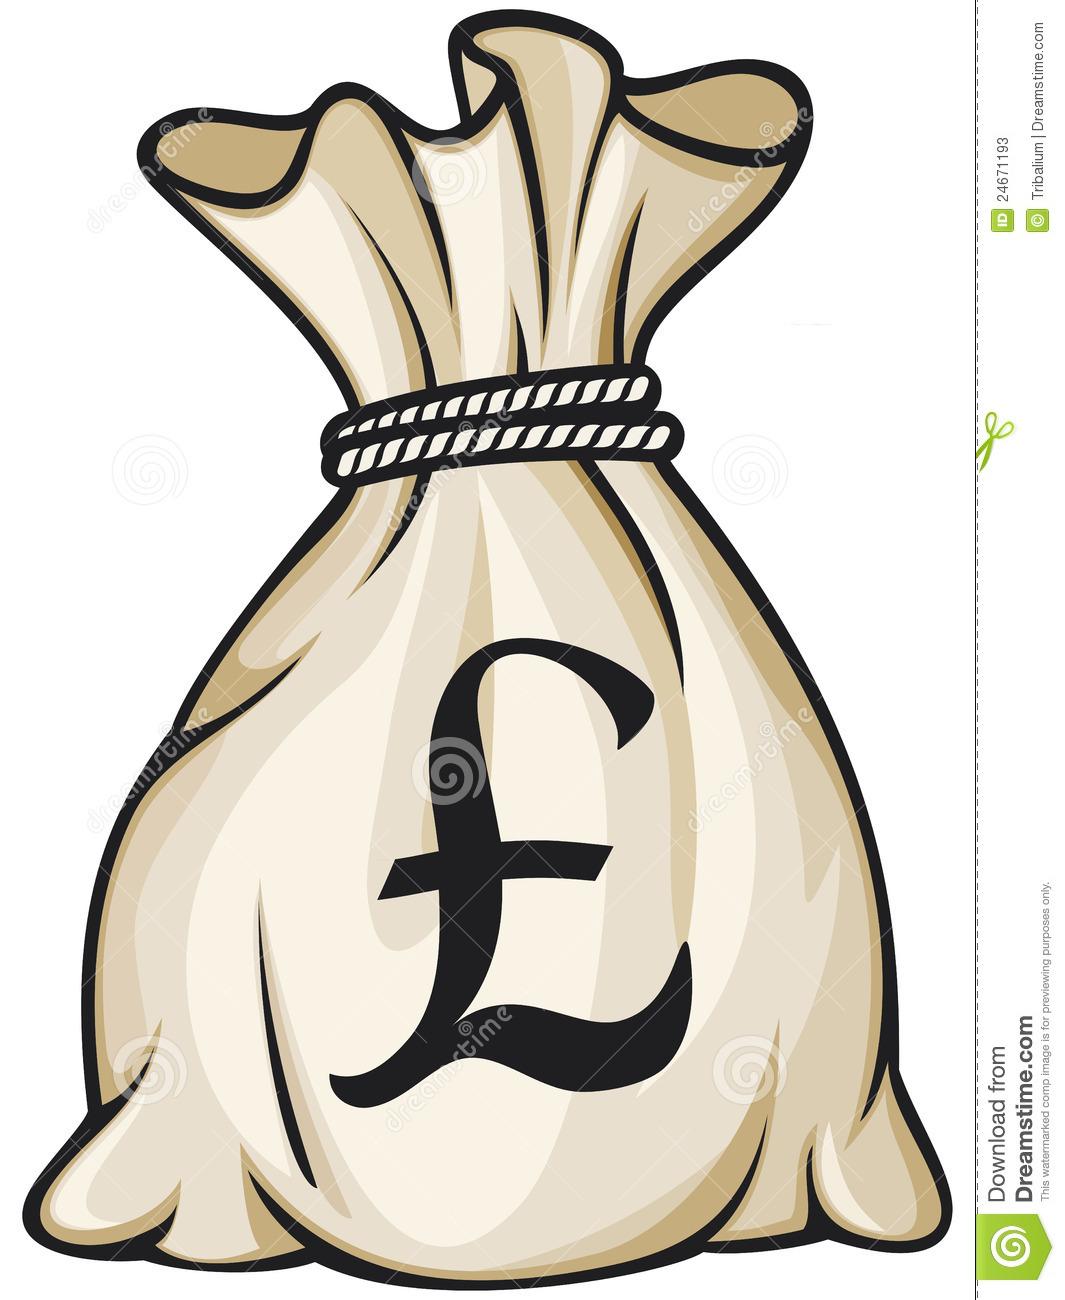 Money Bag Clipart - Clipart Suggest